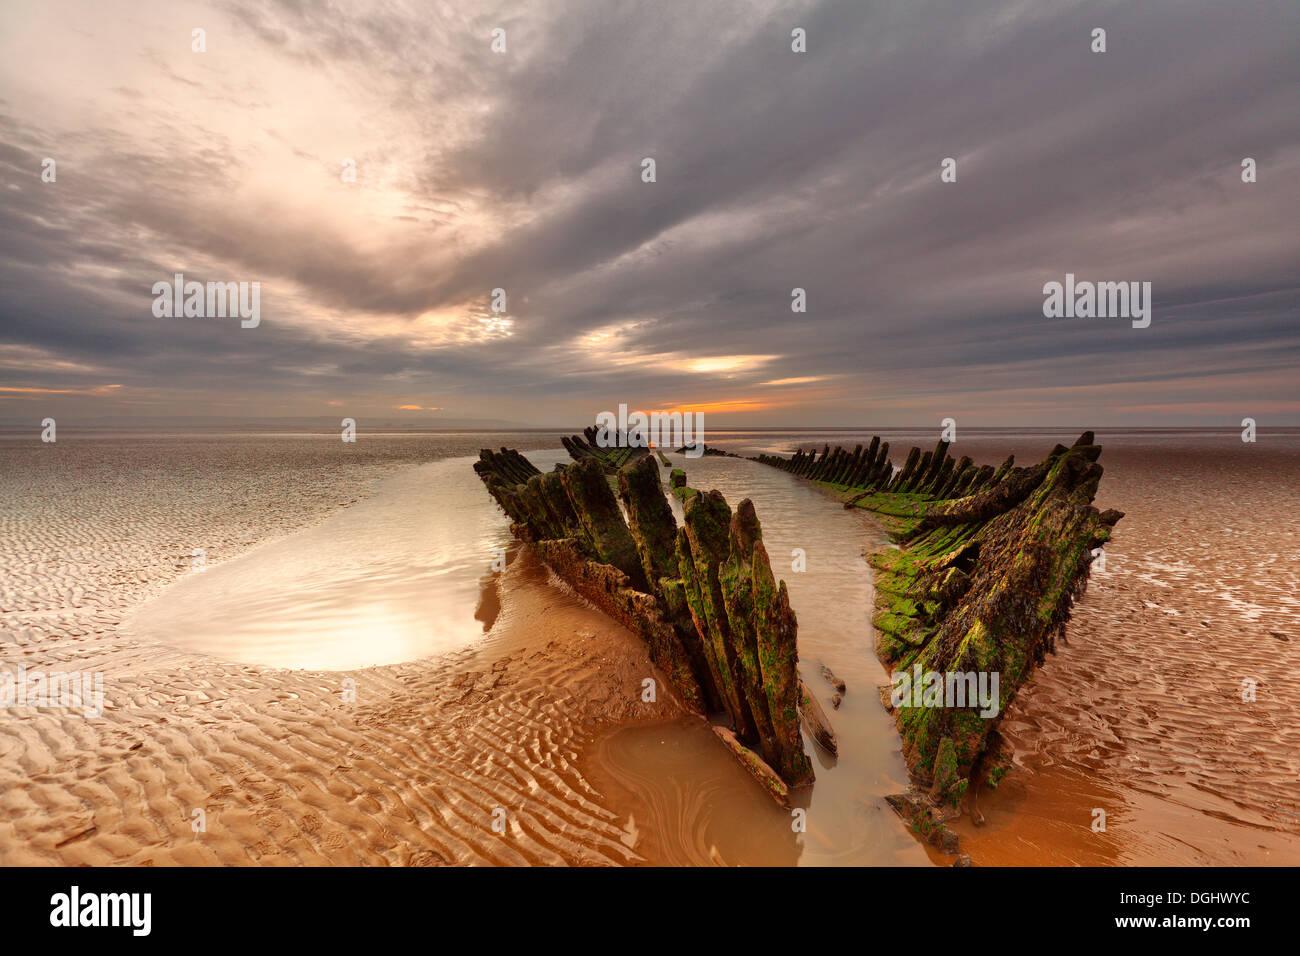 Vista dalla spiaggia verso un naufragio a Burnham-on-Sea. Immagini Stock